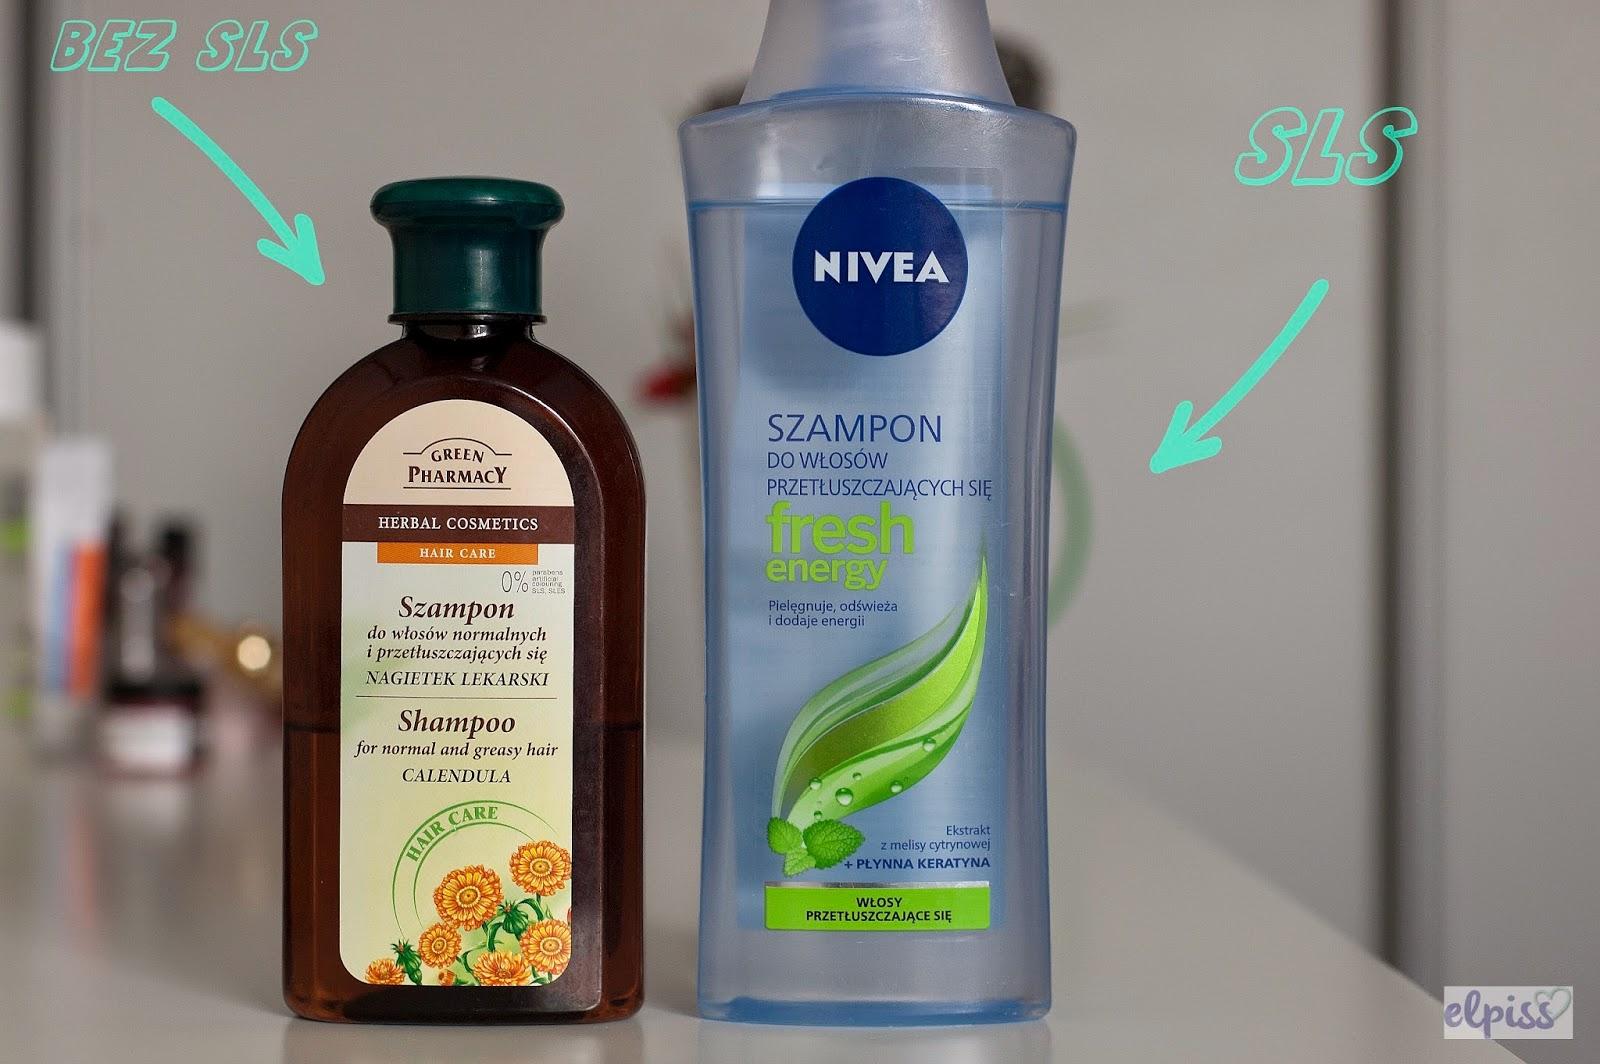 Elfa, Green Pharmacy, Szampon do włosów normalnych i przetłuszczających się z nagietkiem lekarskim Nivea, Fresh Energy, Szampon do włosów normalnych i przetłuszczających się